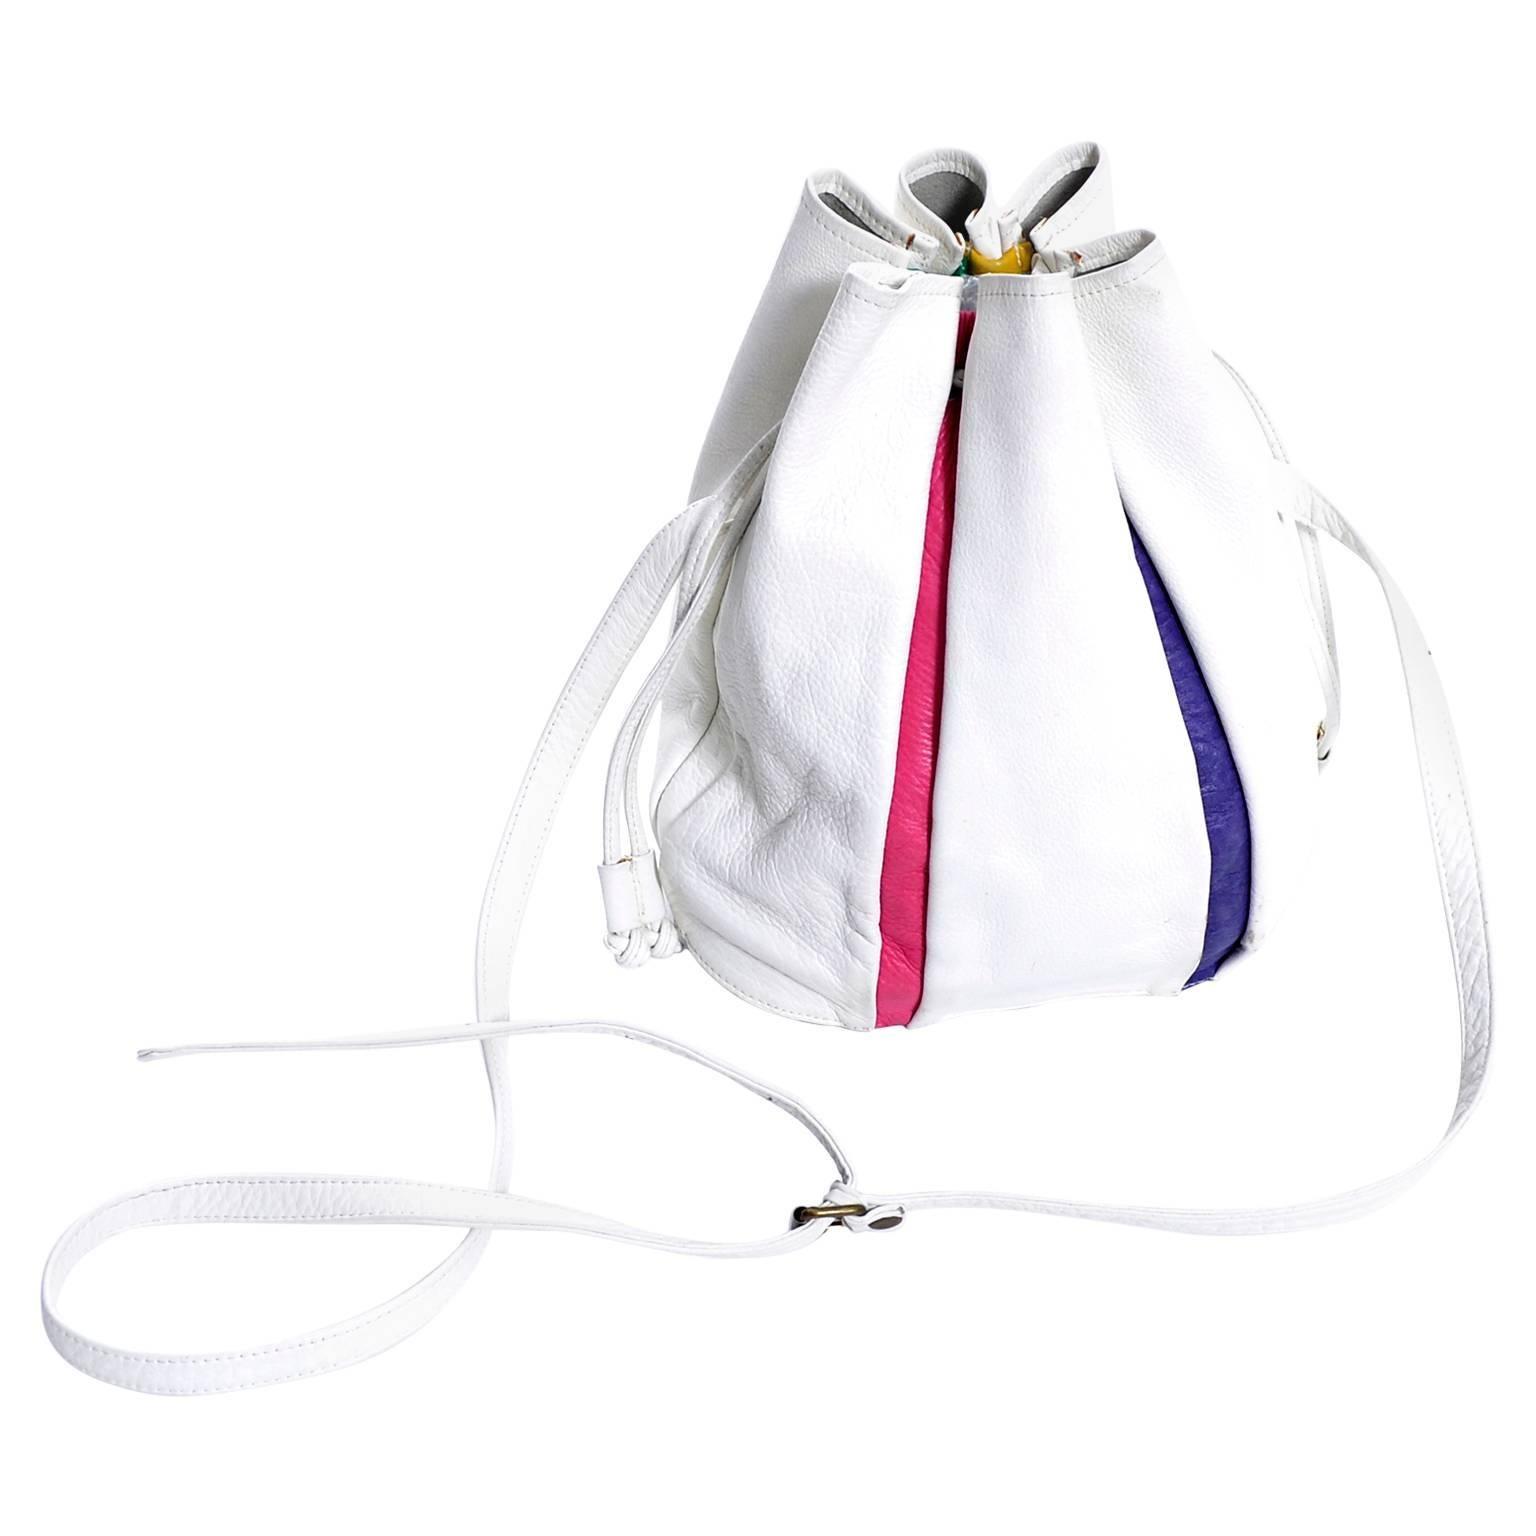 1970s Vintage Leather Handbag Bucket Bag Saks Fifth Avenue Striped Bag